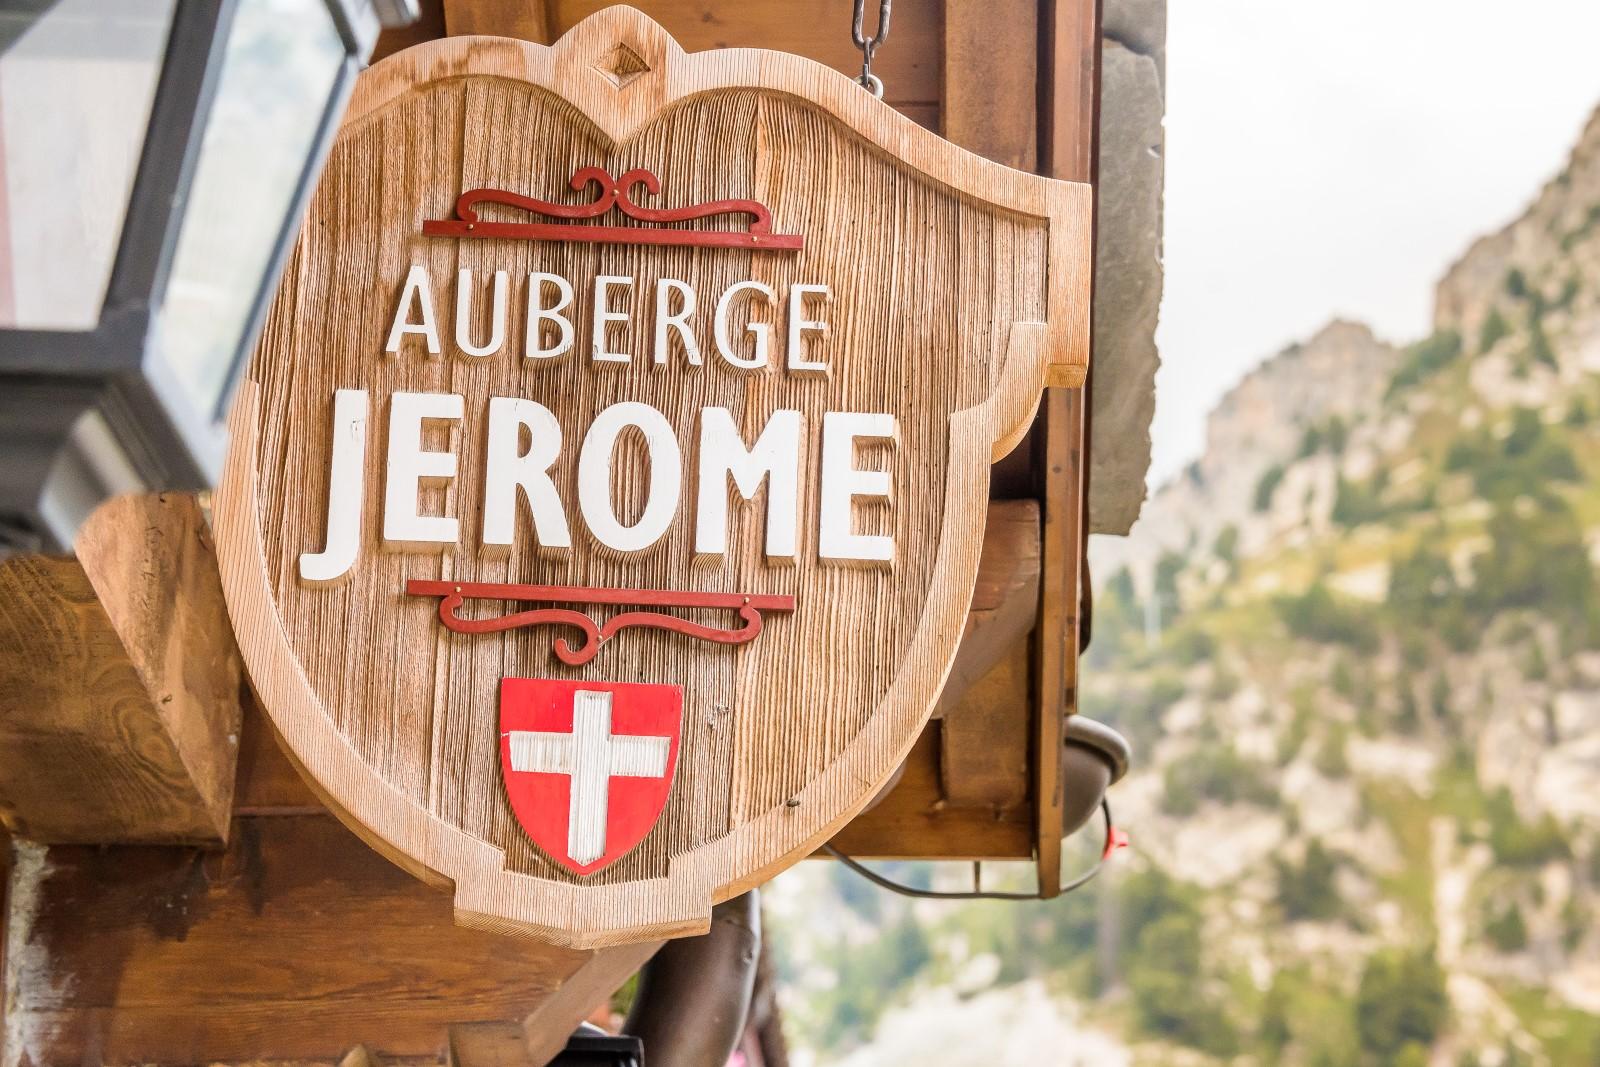 Auberg Jerome